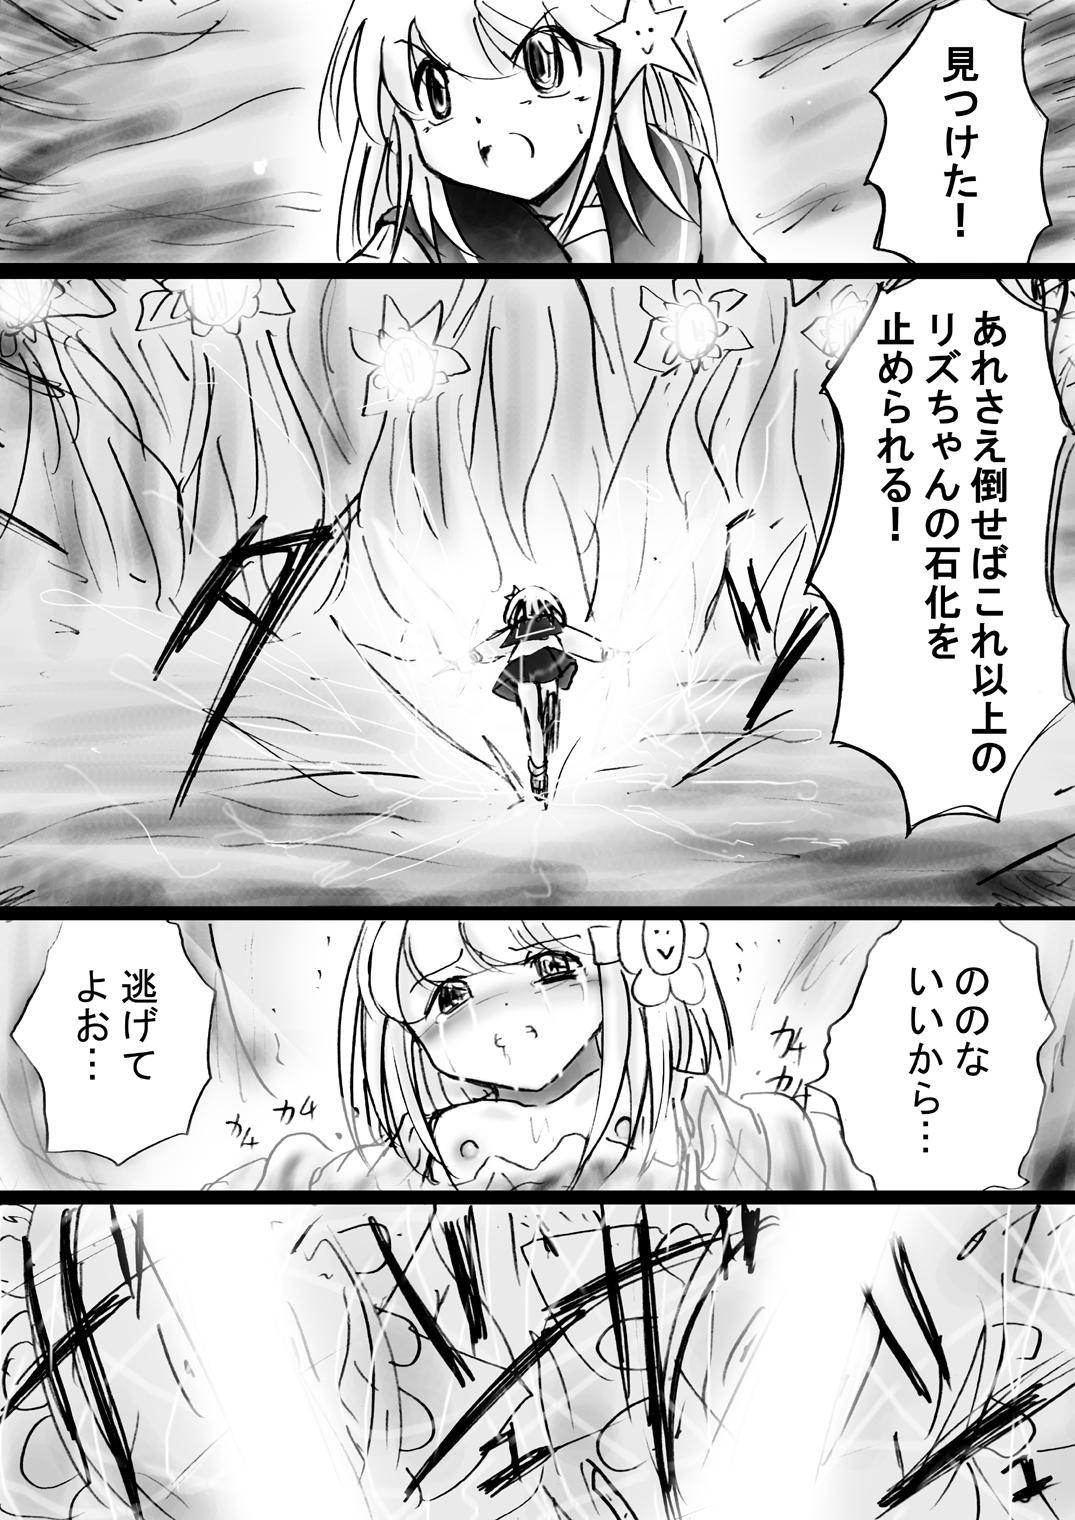 [Dende] Fushigi Sekai -Mystery World- no Nona 17 ~ Taiketsu Fujimi no Dai Inma Dakurasu, Kanzen Sekka no Kyoufu 54